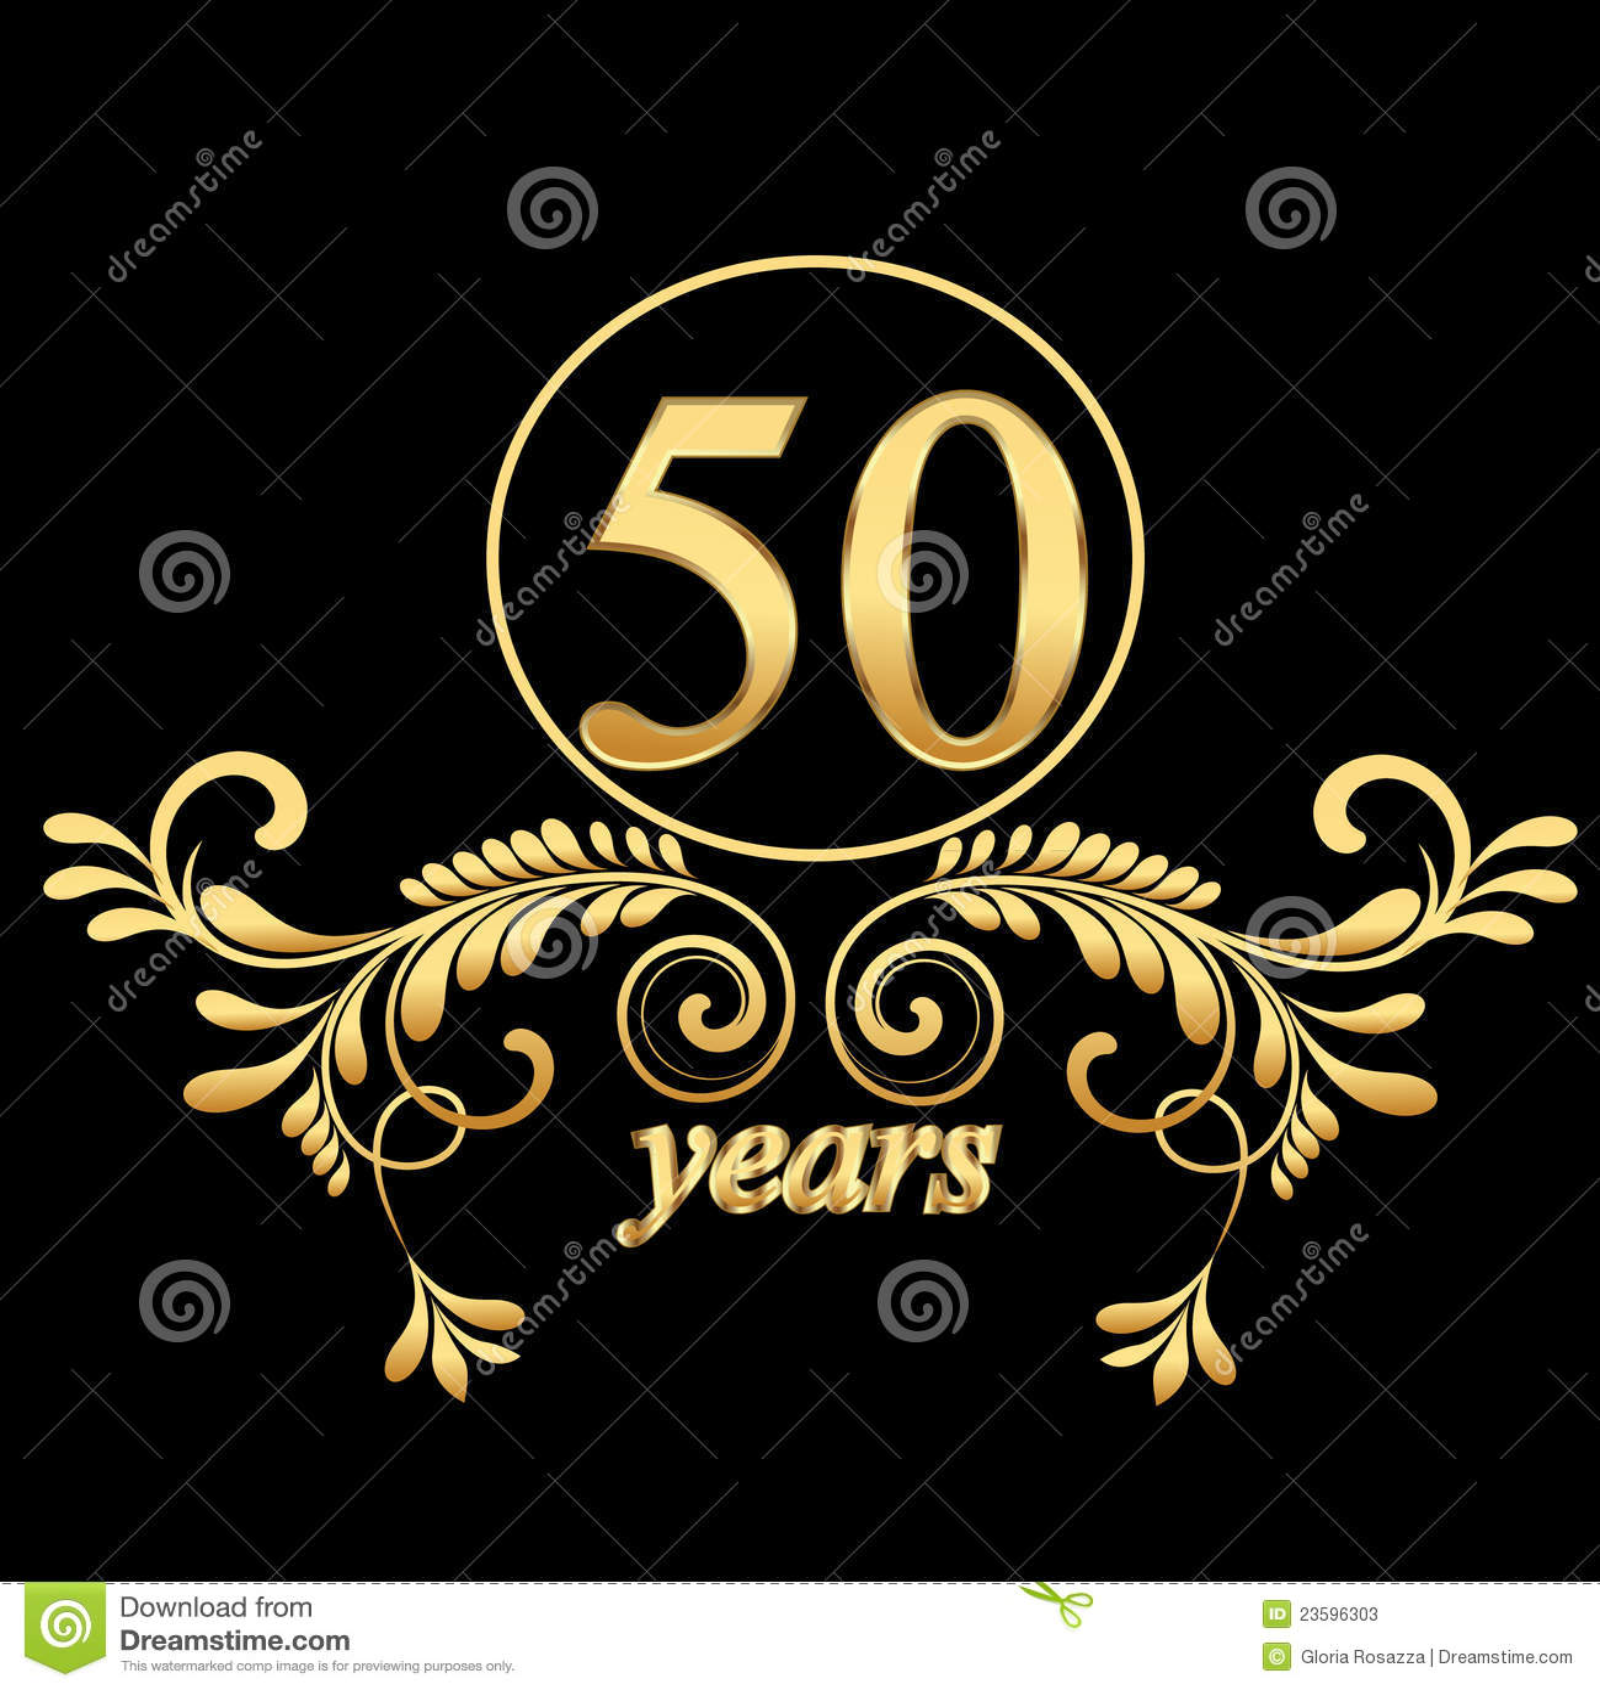 50 jaar bedrijf Gouden 50 jaar vector illustratie. Illustratie bestaande uit  50 jaar bedrijf